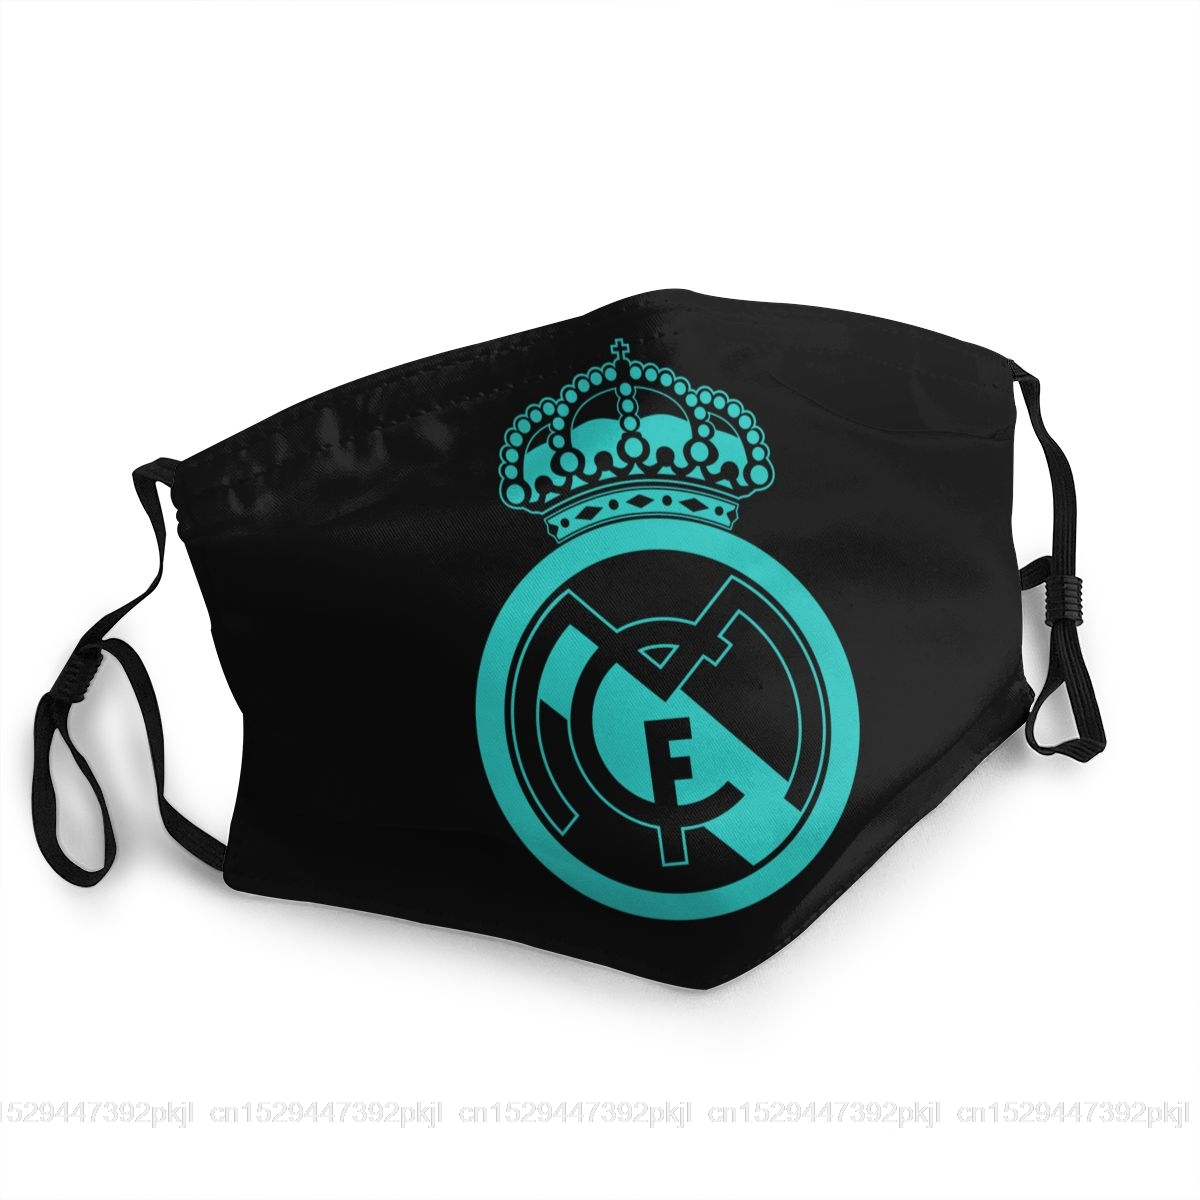 Classic Real Madrided Logo Mask Unisex Adult Dust Mask